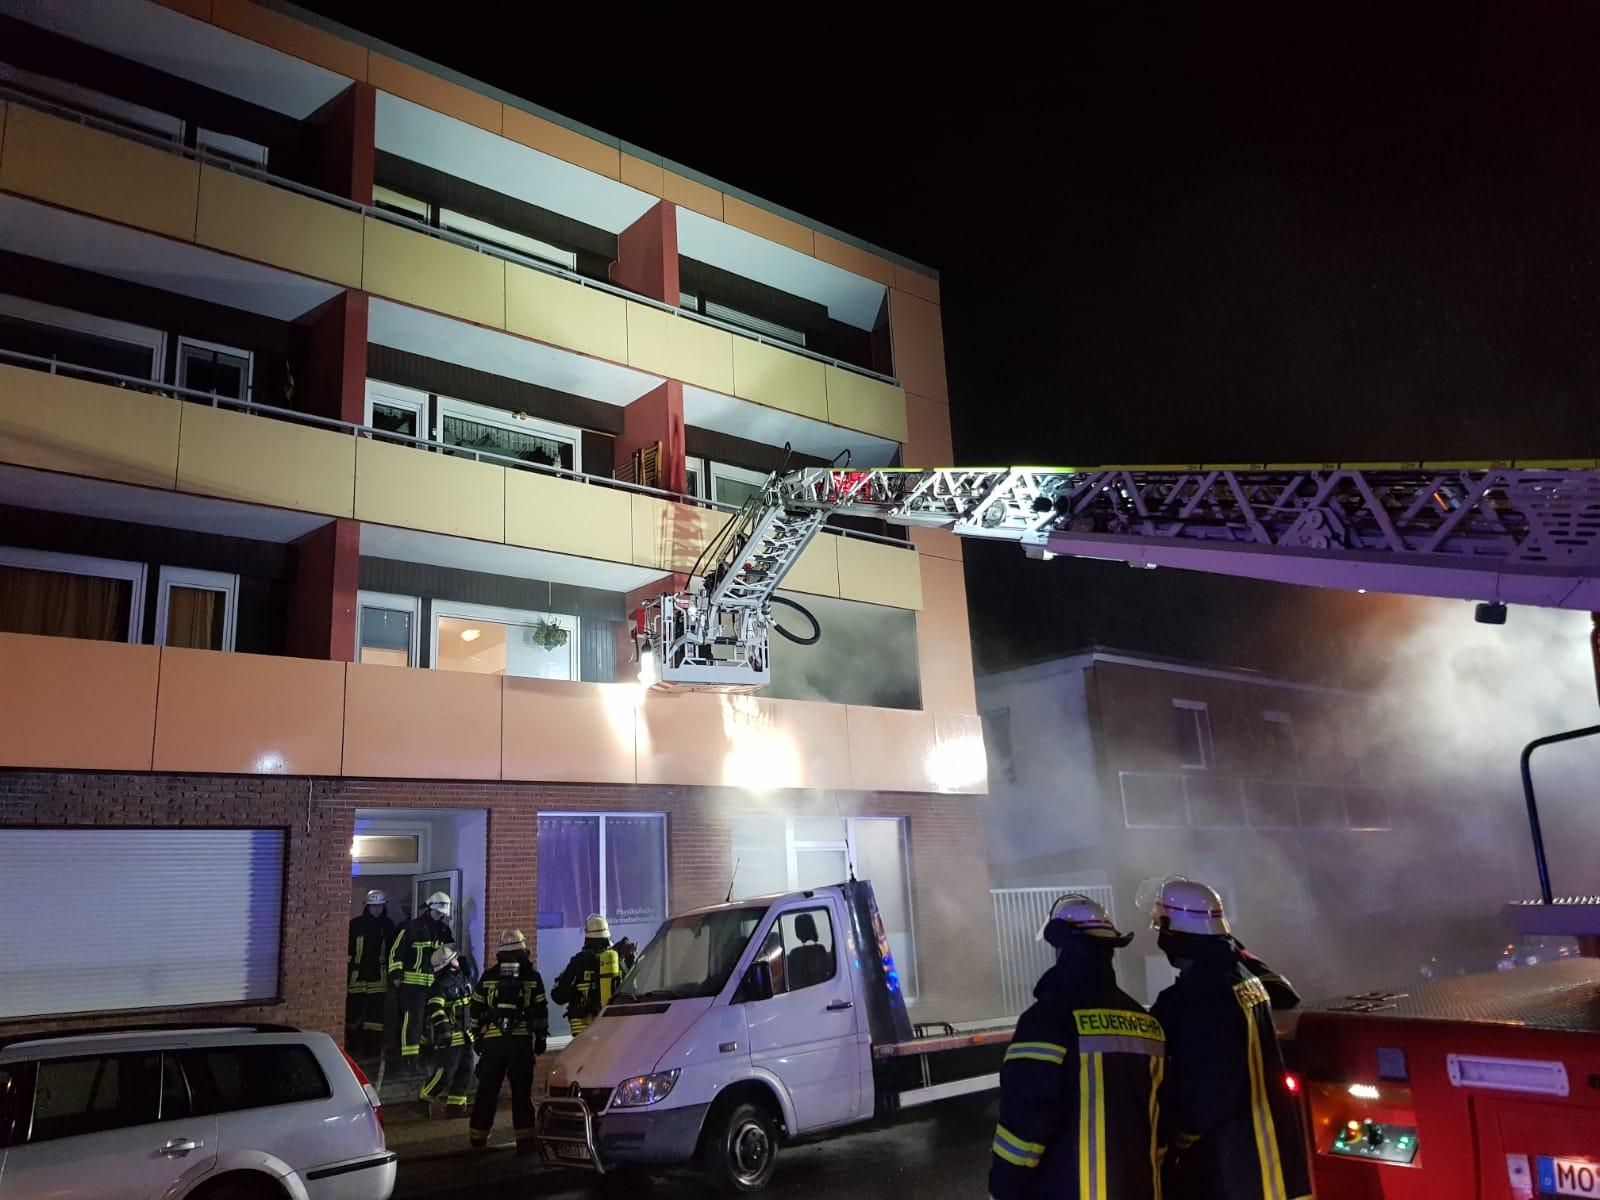 Feuer mit Personen in Gefahr an der Homberger Straße